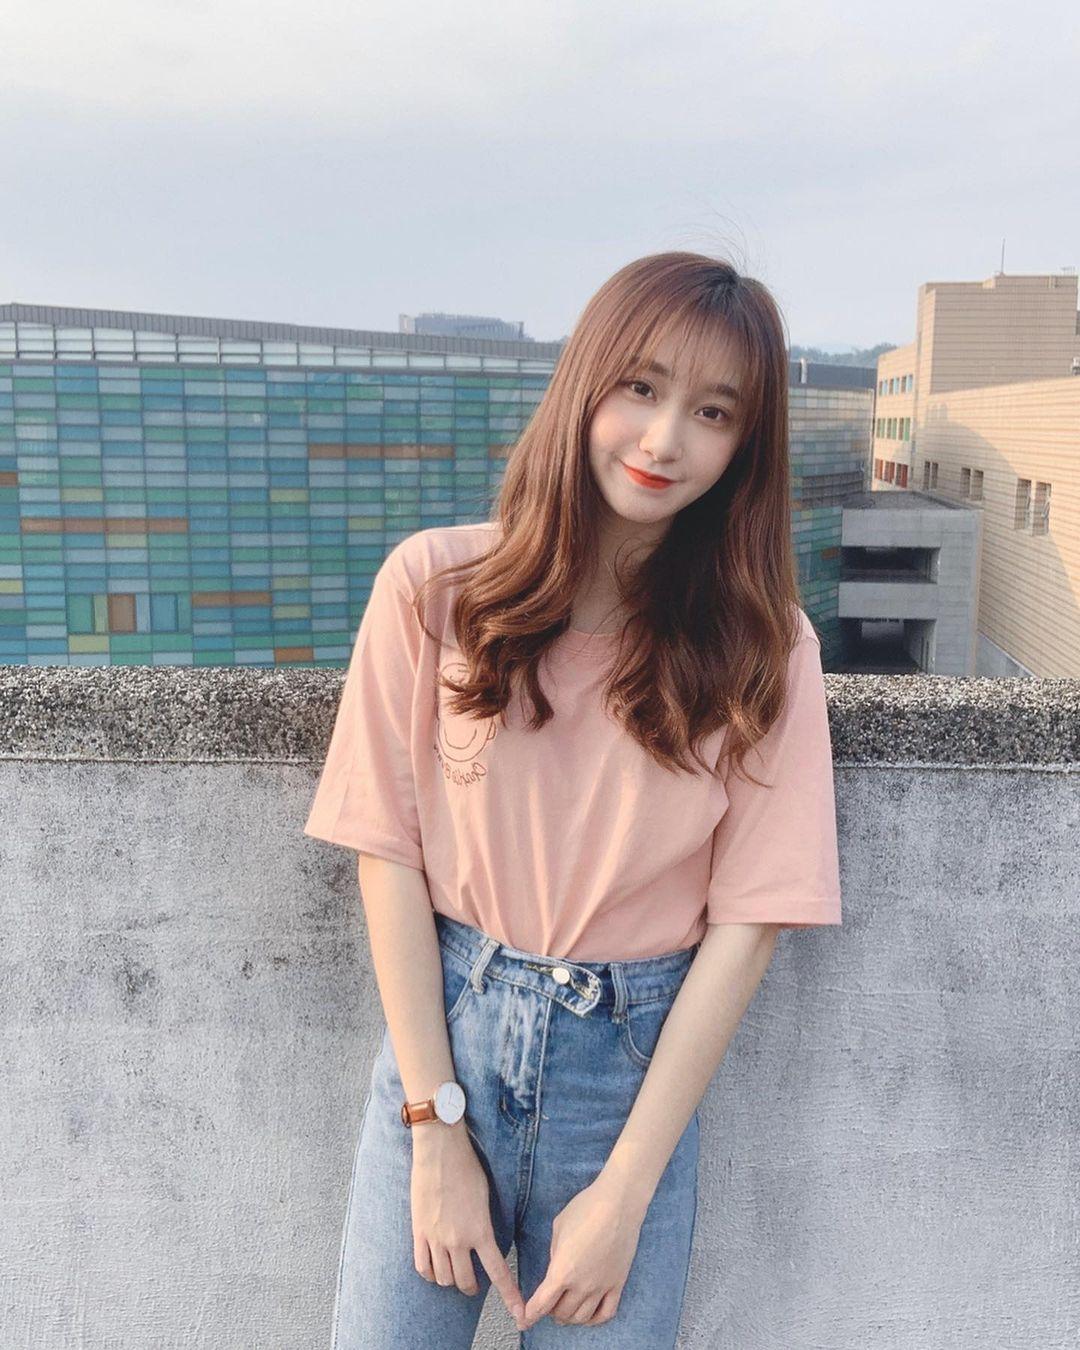 北教大校花女神倩米清新笑颜太甜美 美少女老师 网络美女 第5张